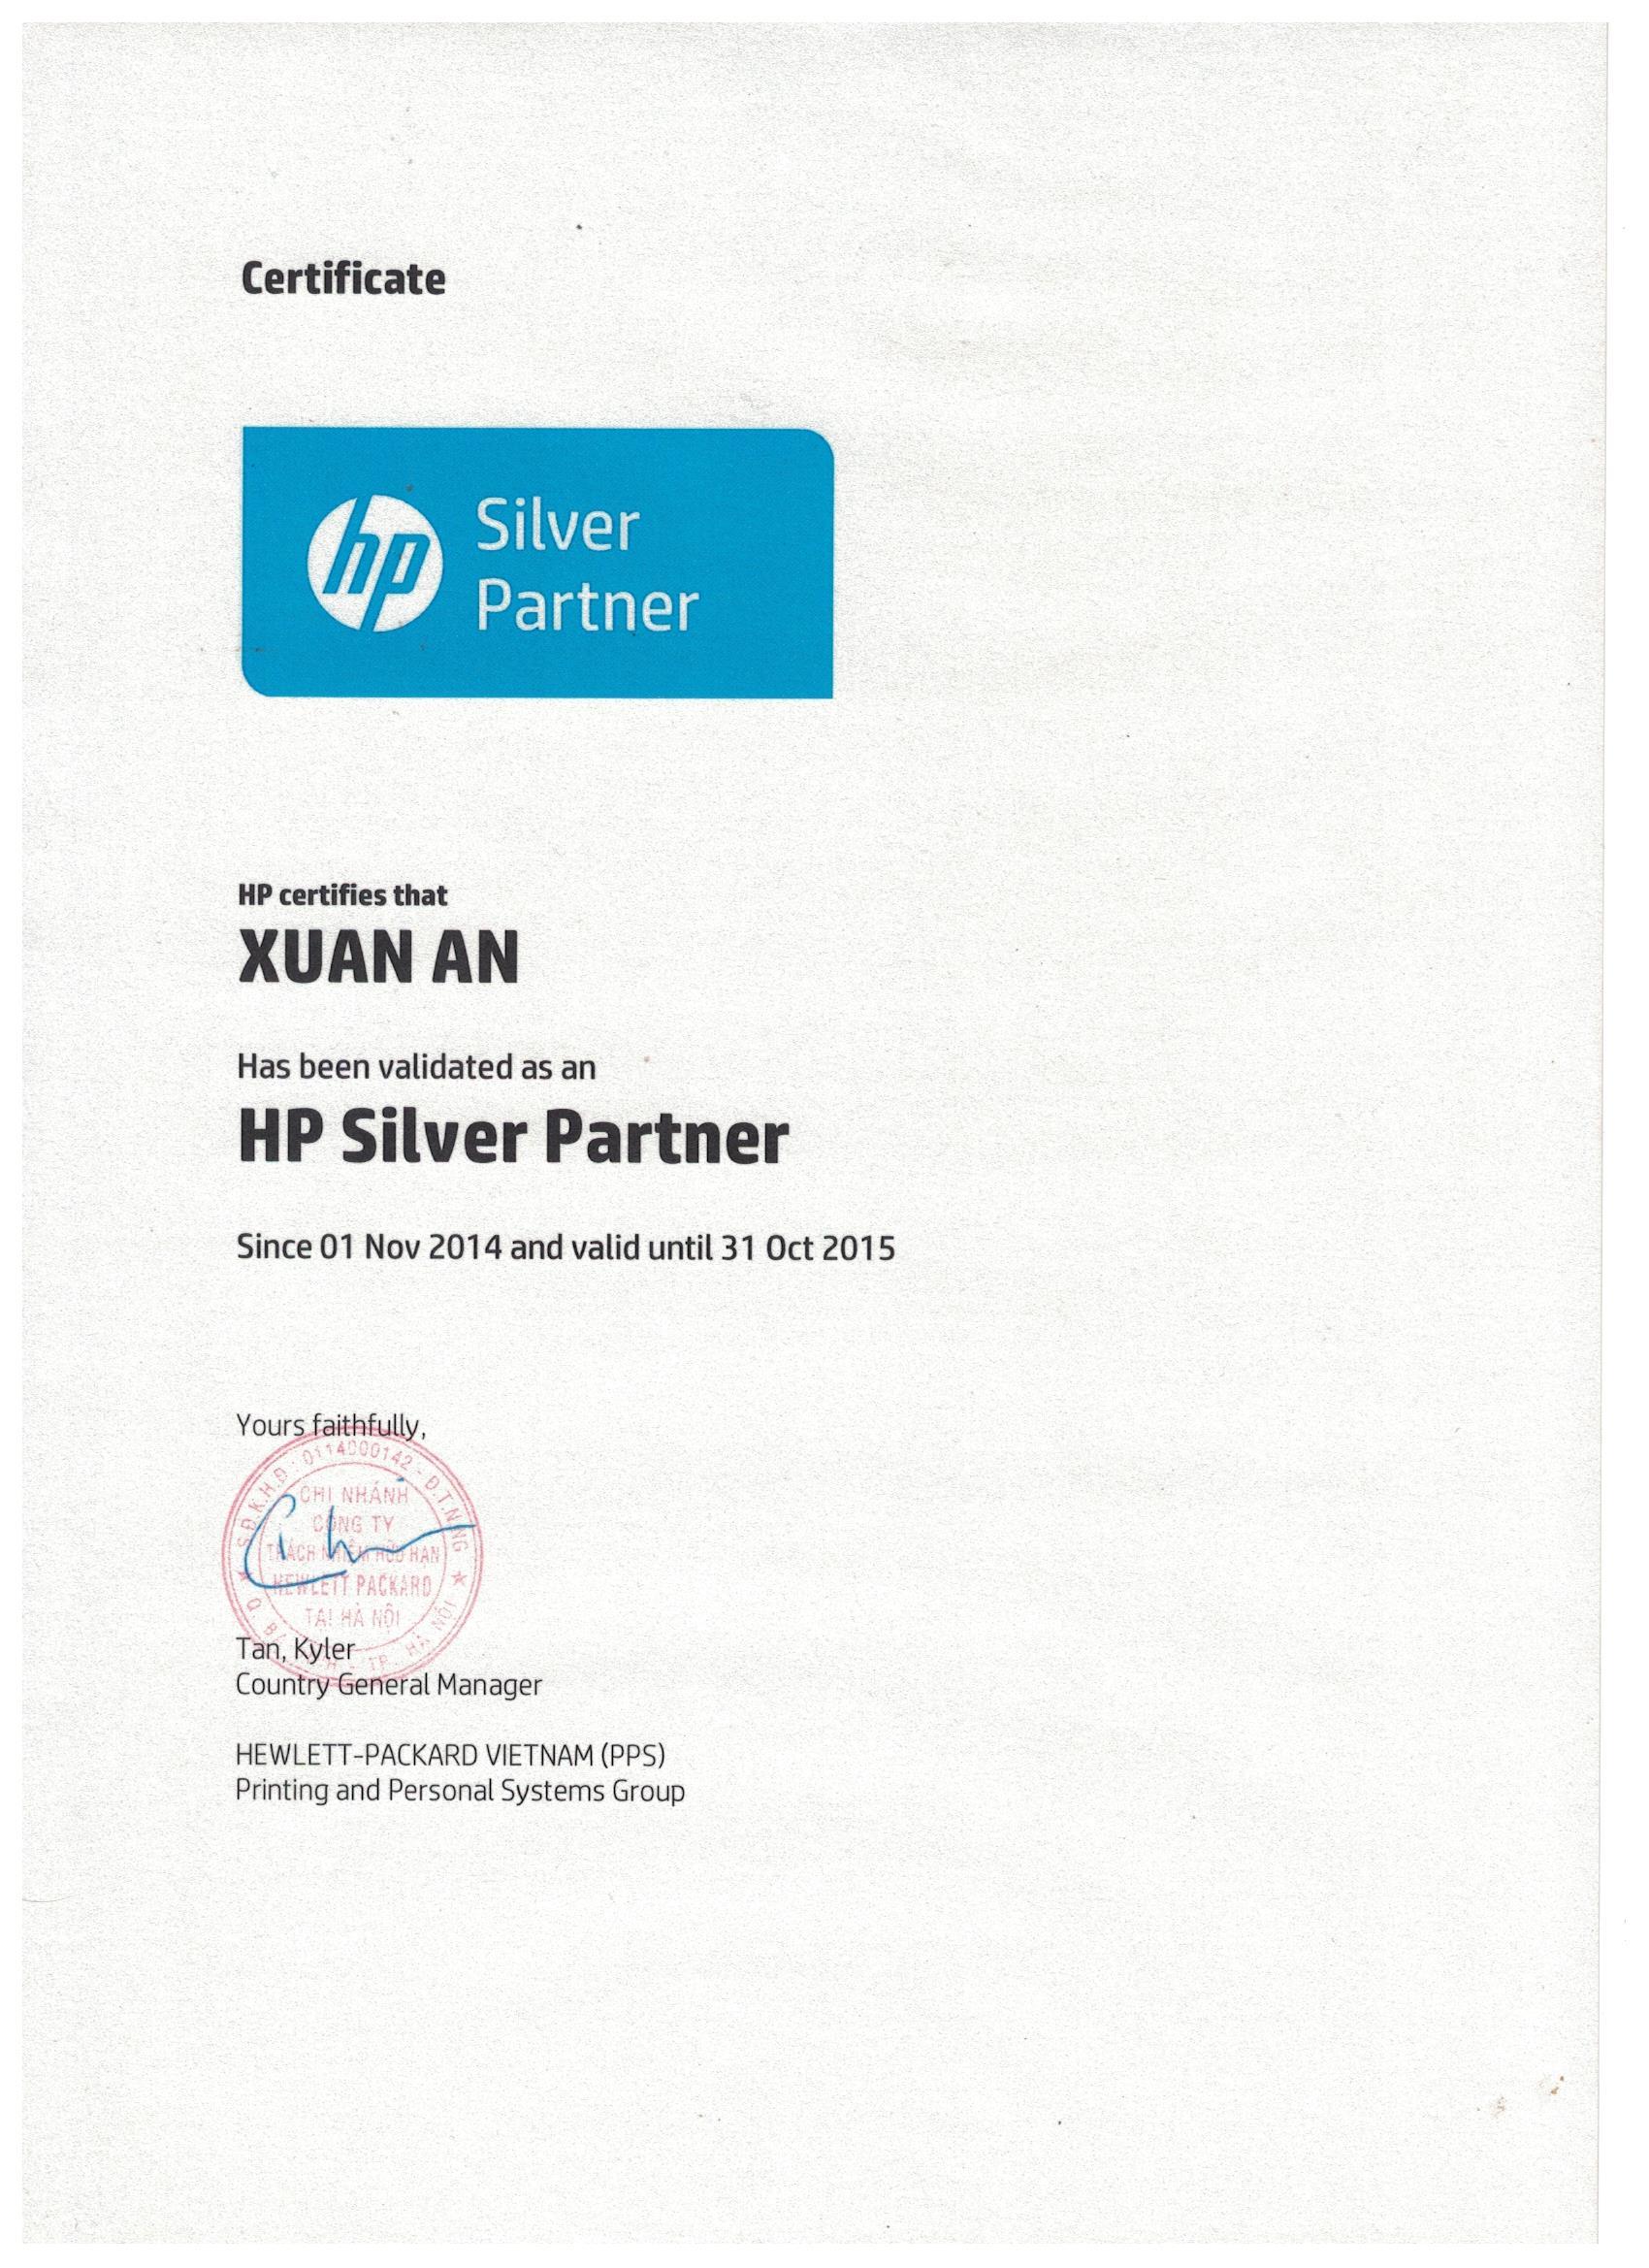 LAPTOP HP Probook 450 G7 - 9GQ34PA (Silver)